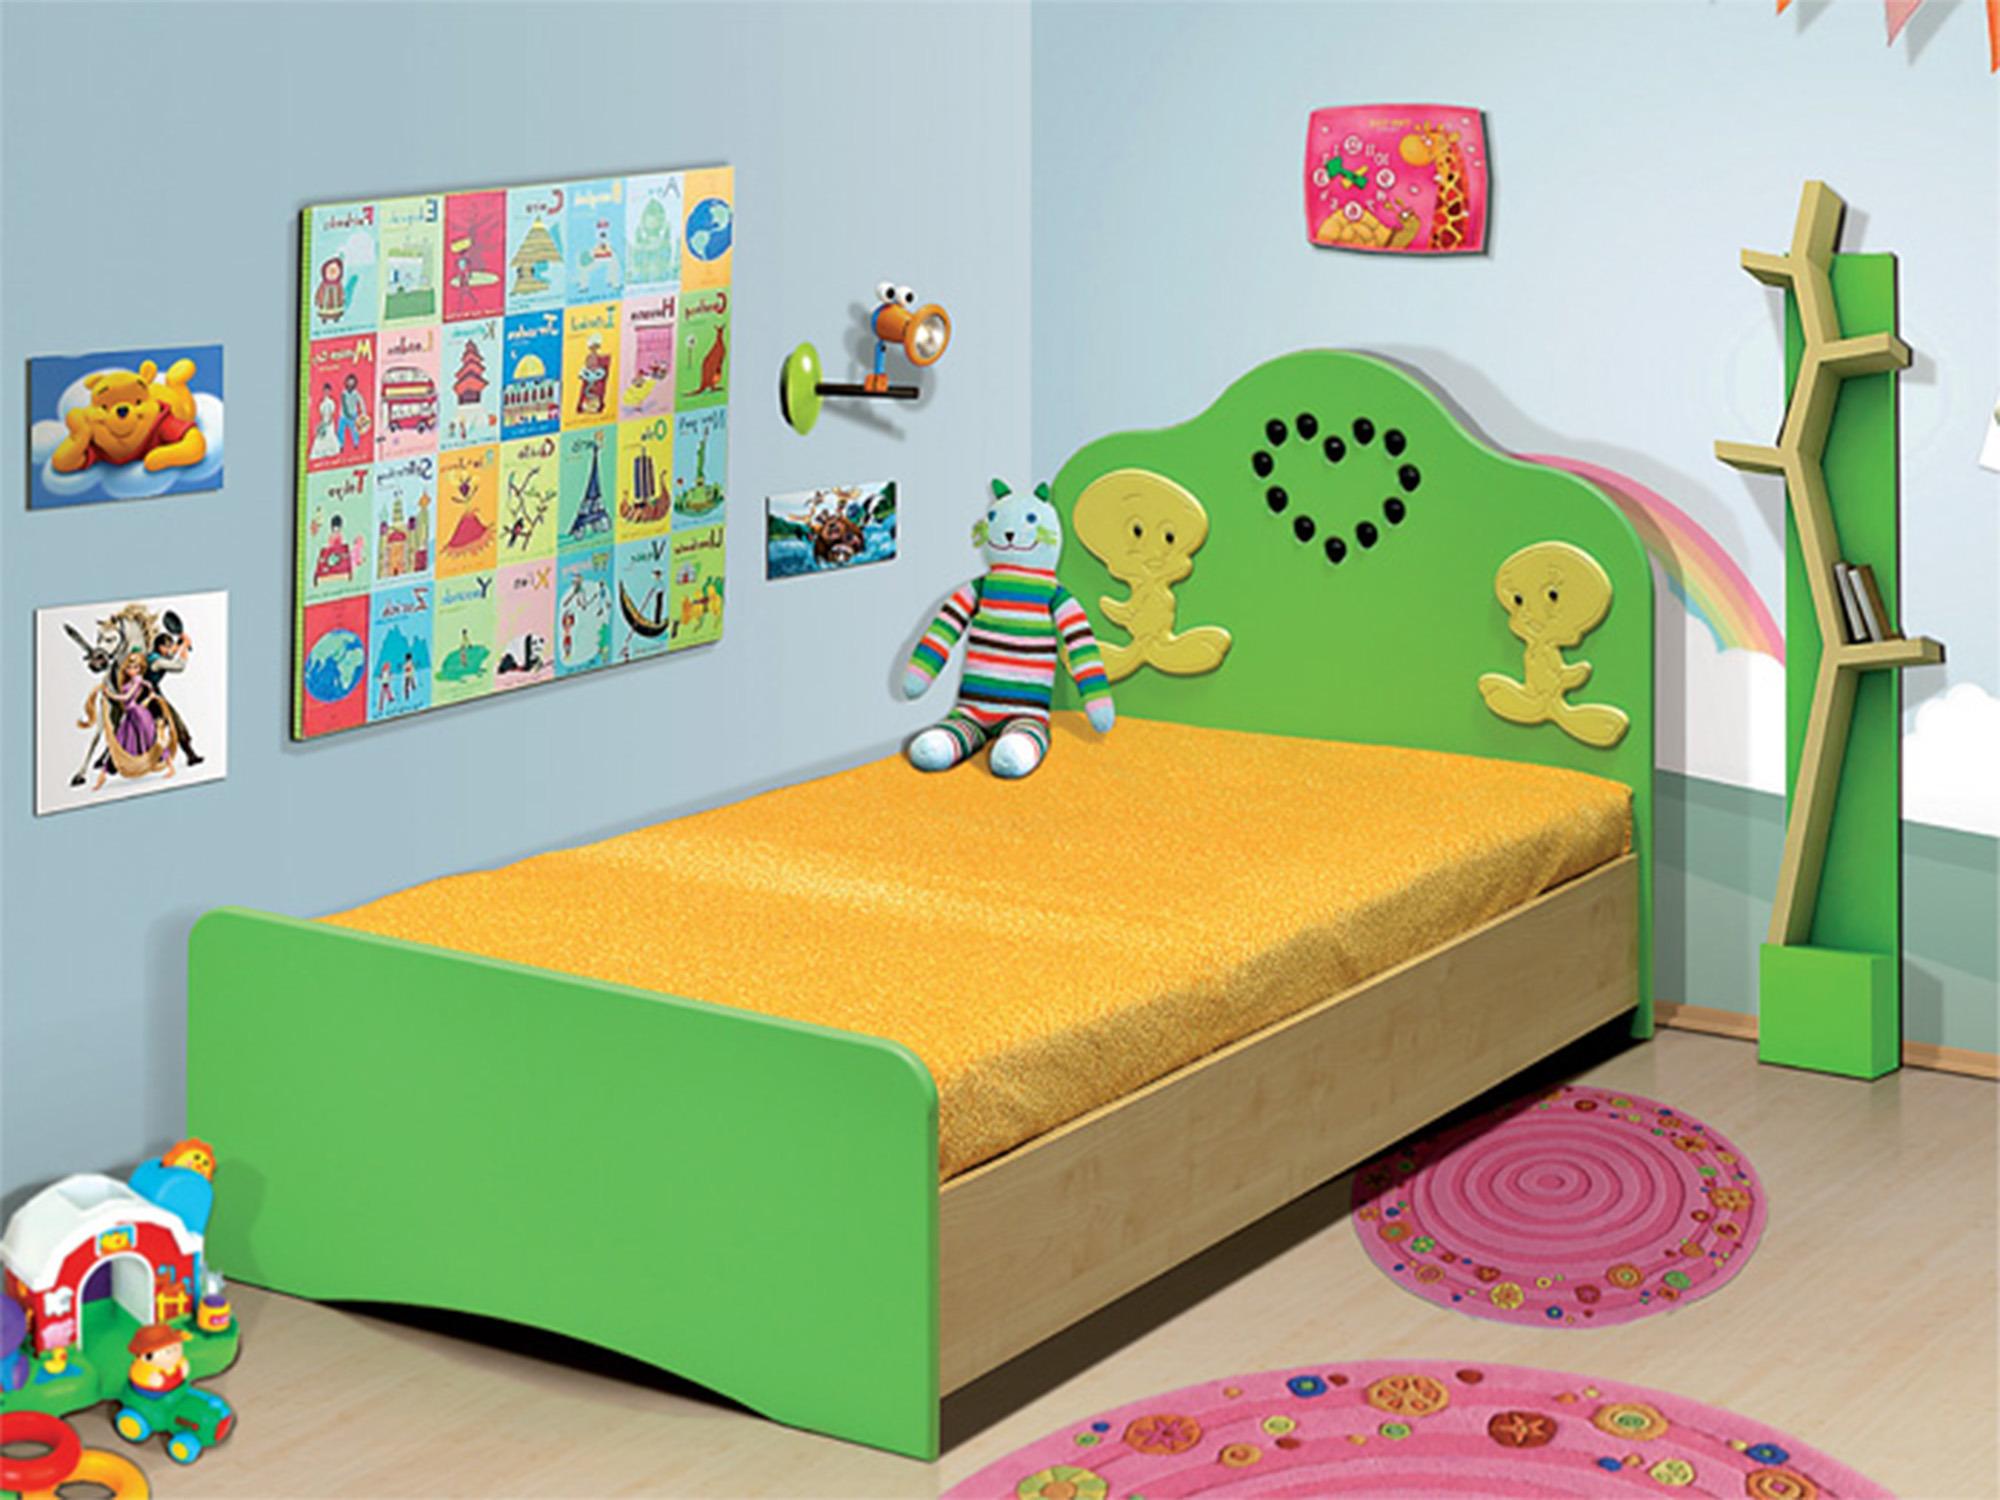 Кровать ЦыпленокДетские кровати<br><br><br>Длина мм: 870<br>Высота мм: 800<br>Глубина мм: 1750